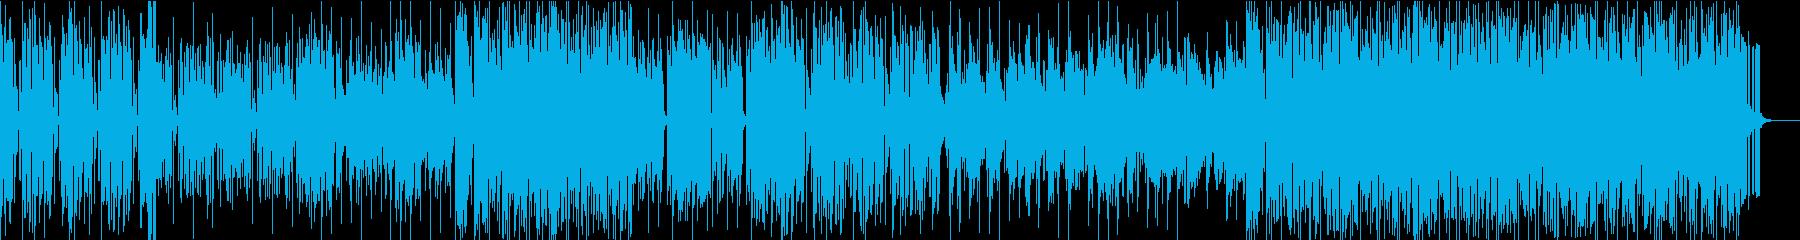 シンセを主体としたテクノポップBGMの再生済みの波形